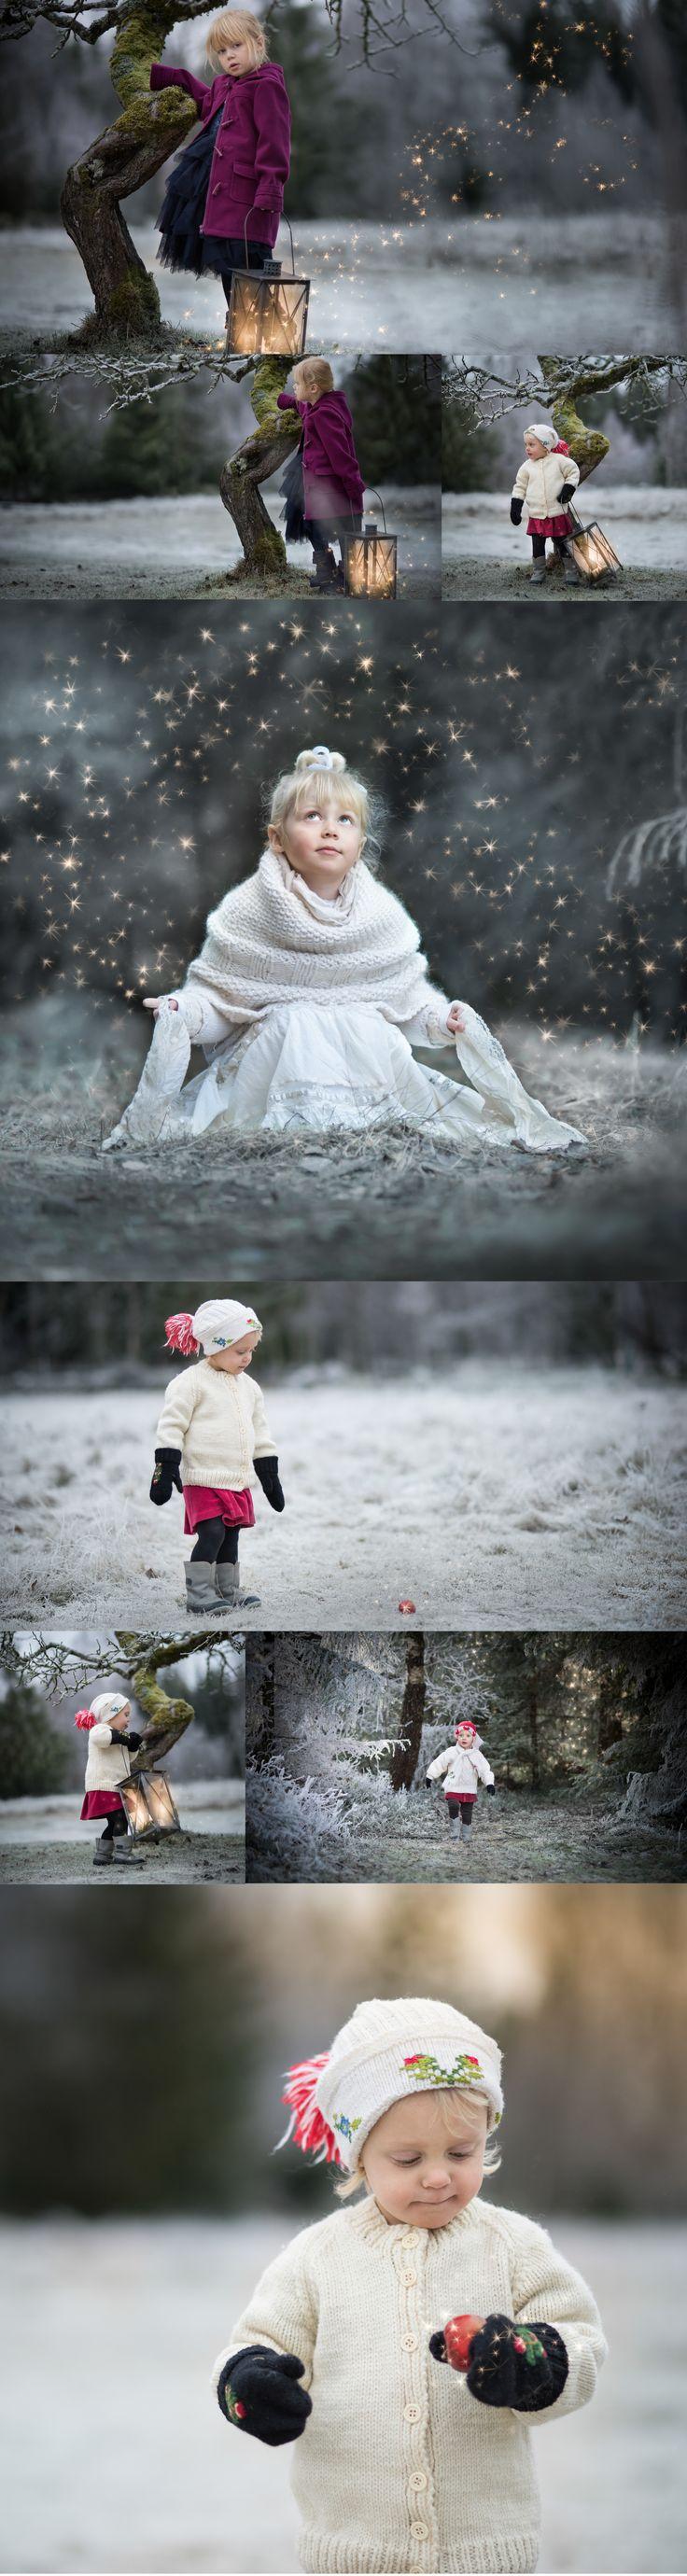 Barnfotografering och sagofotografering med fotograf Maria Lindberg. Fairytale childphotography with Swedish photographer Maria Lindberg.